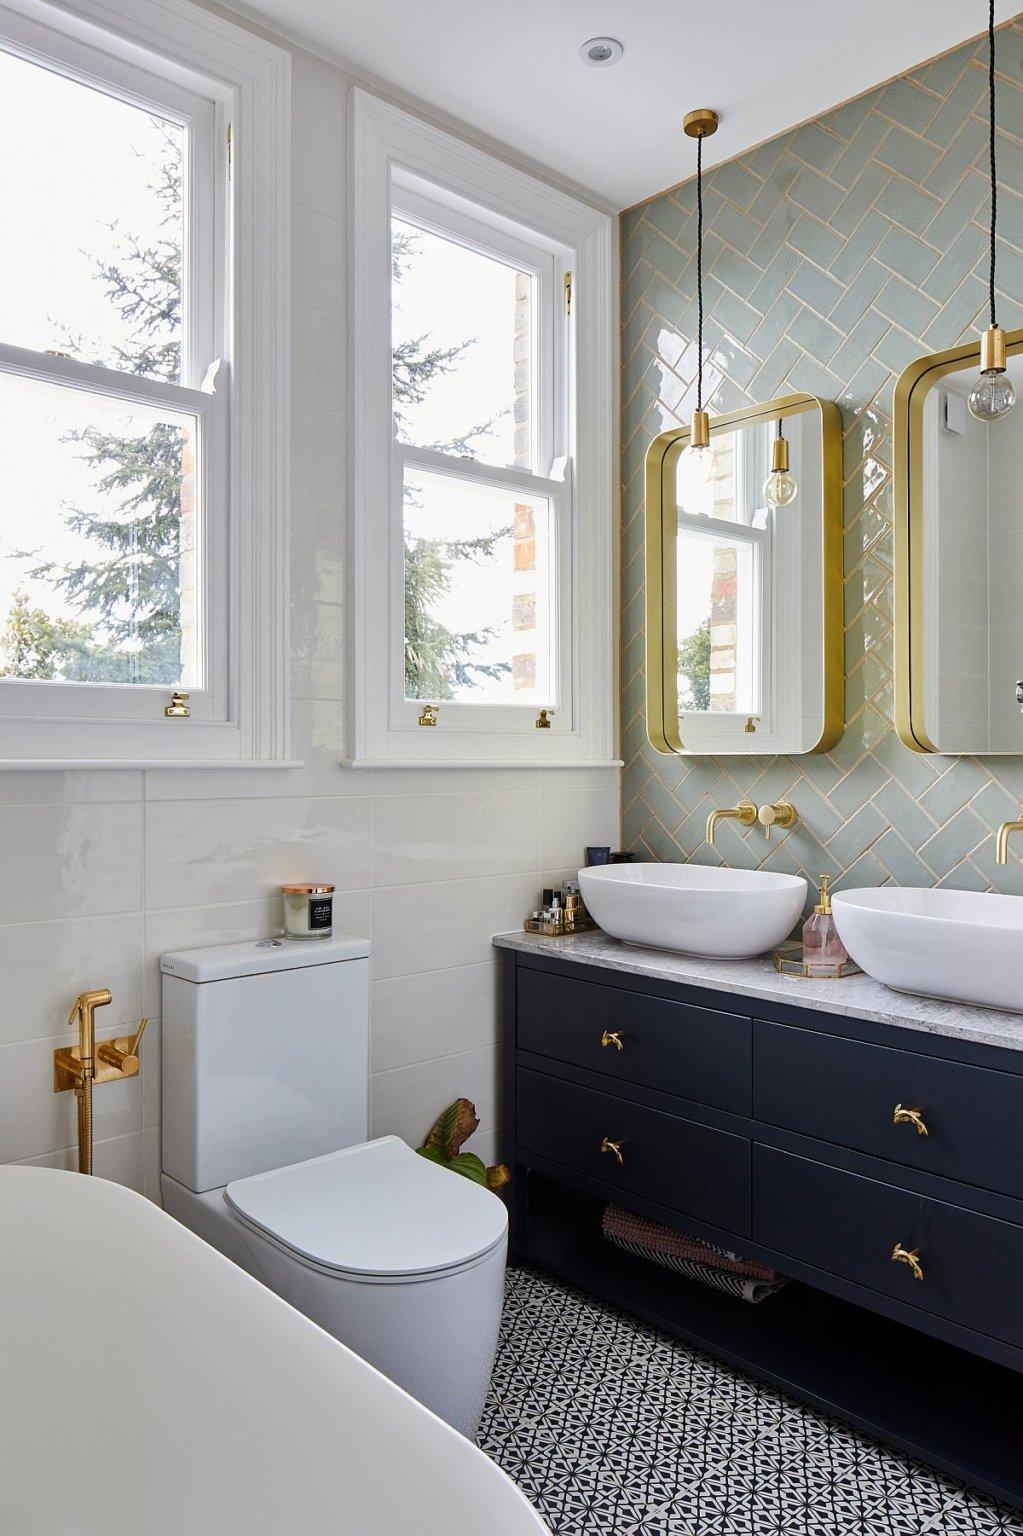 Hình ảnh một góc phòng tắm với tủ màu xám xanh đậm, gương khung viền màu đồng, cửa sổ kính